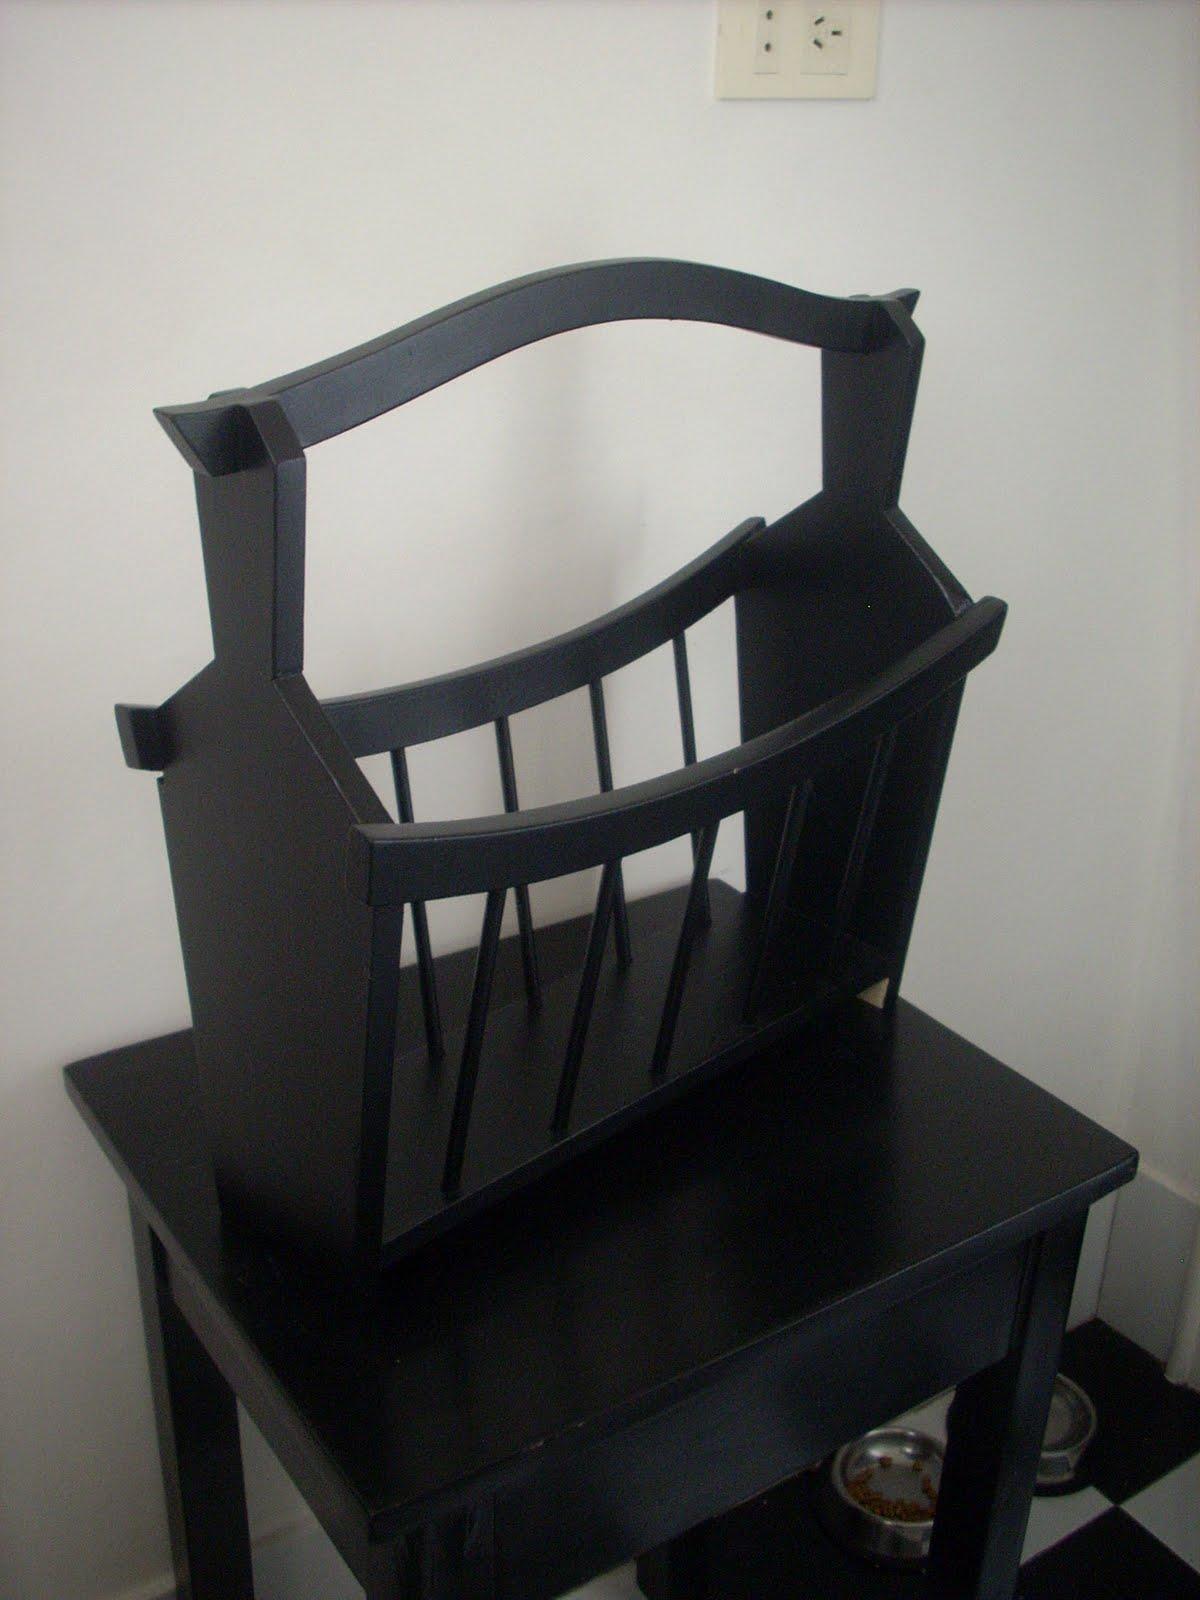 Cositas vintage muebles reciclados revistero estilo - Muebles reciclados vintage ...